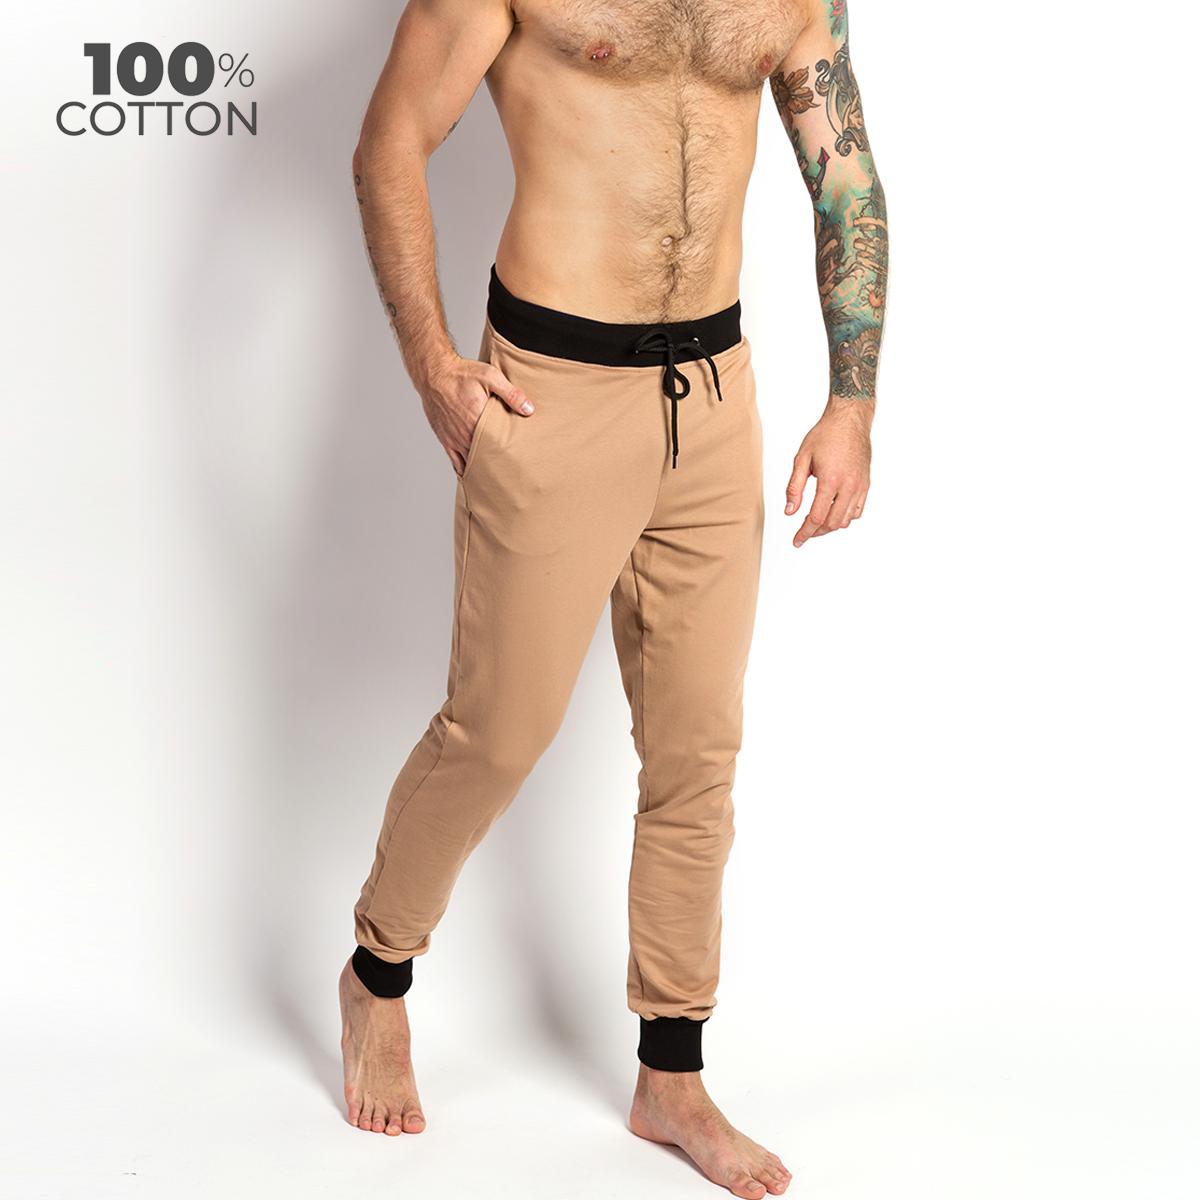 Мужские штаны для дома и отдыха Lounge Pants, бежевый MAN's SET S